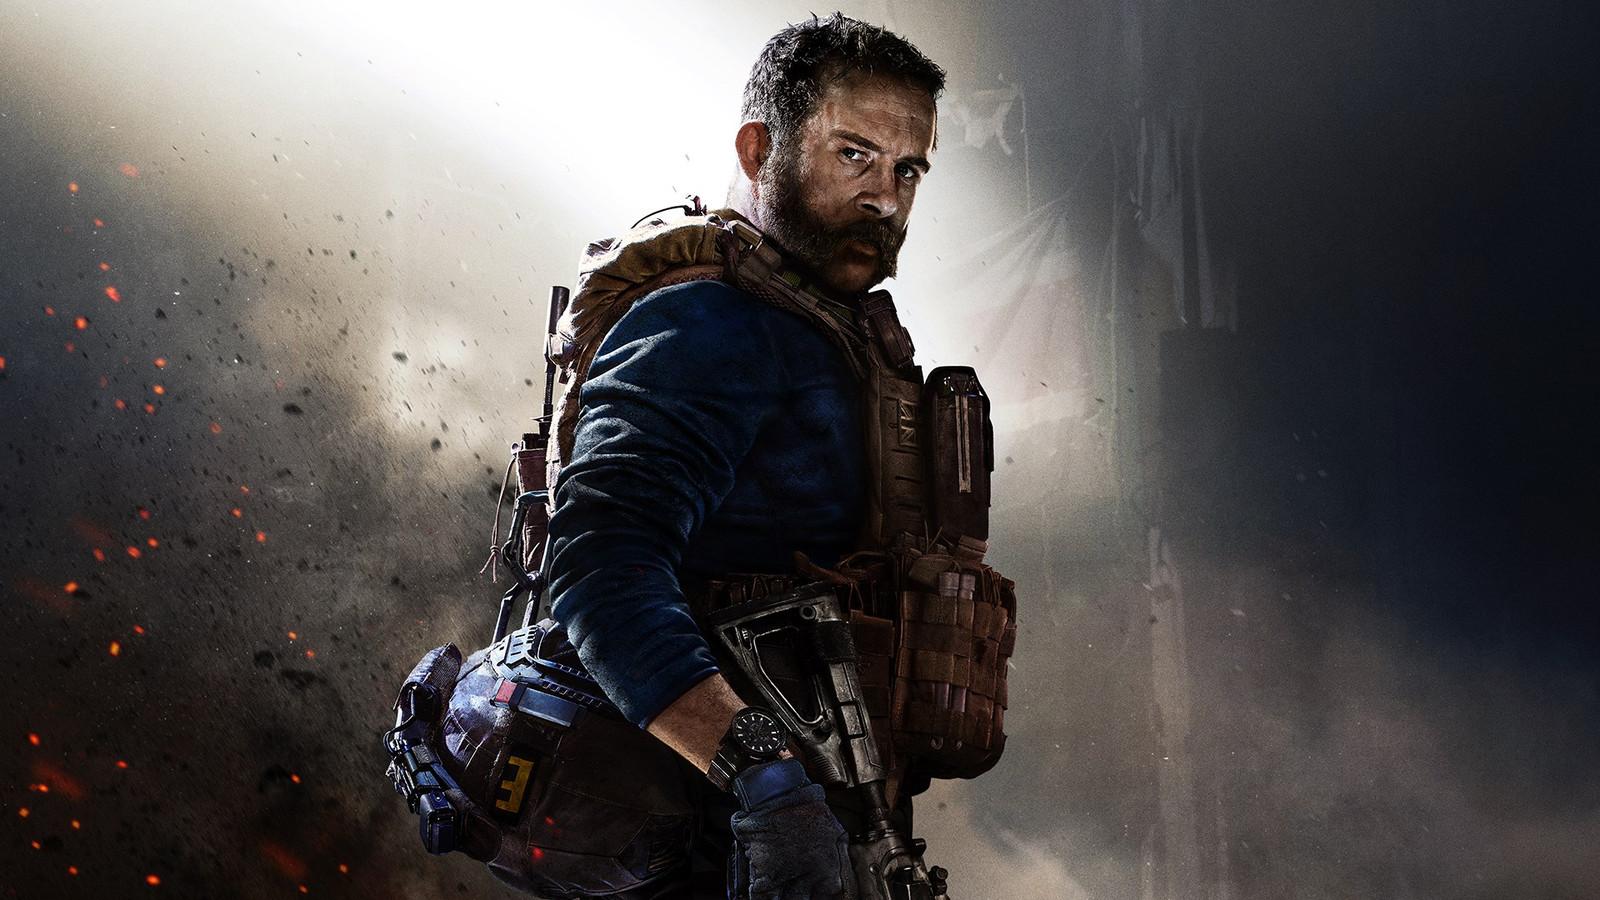 Opnieuw een flink aantal accounts verbannen van het spel Call of Duty. Volgens berichten zijn er  zo'n 20.000 spelers geschorst wegens valsspel.